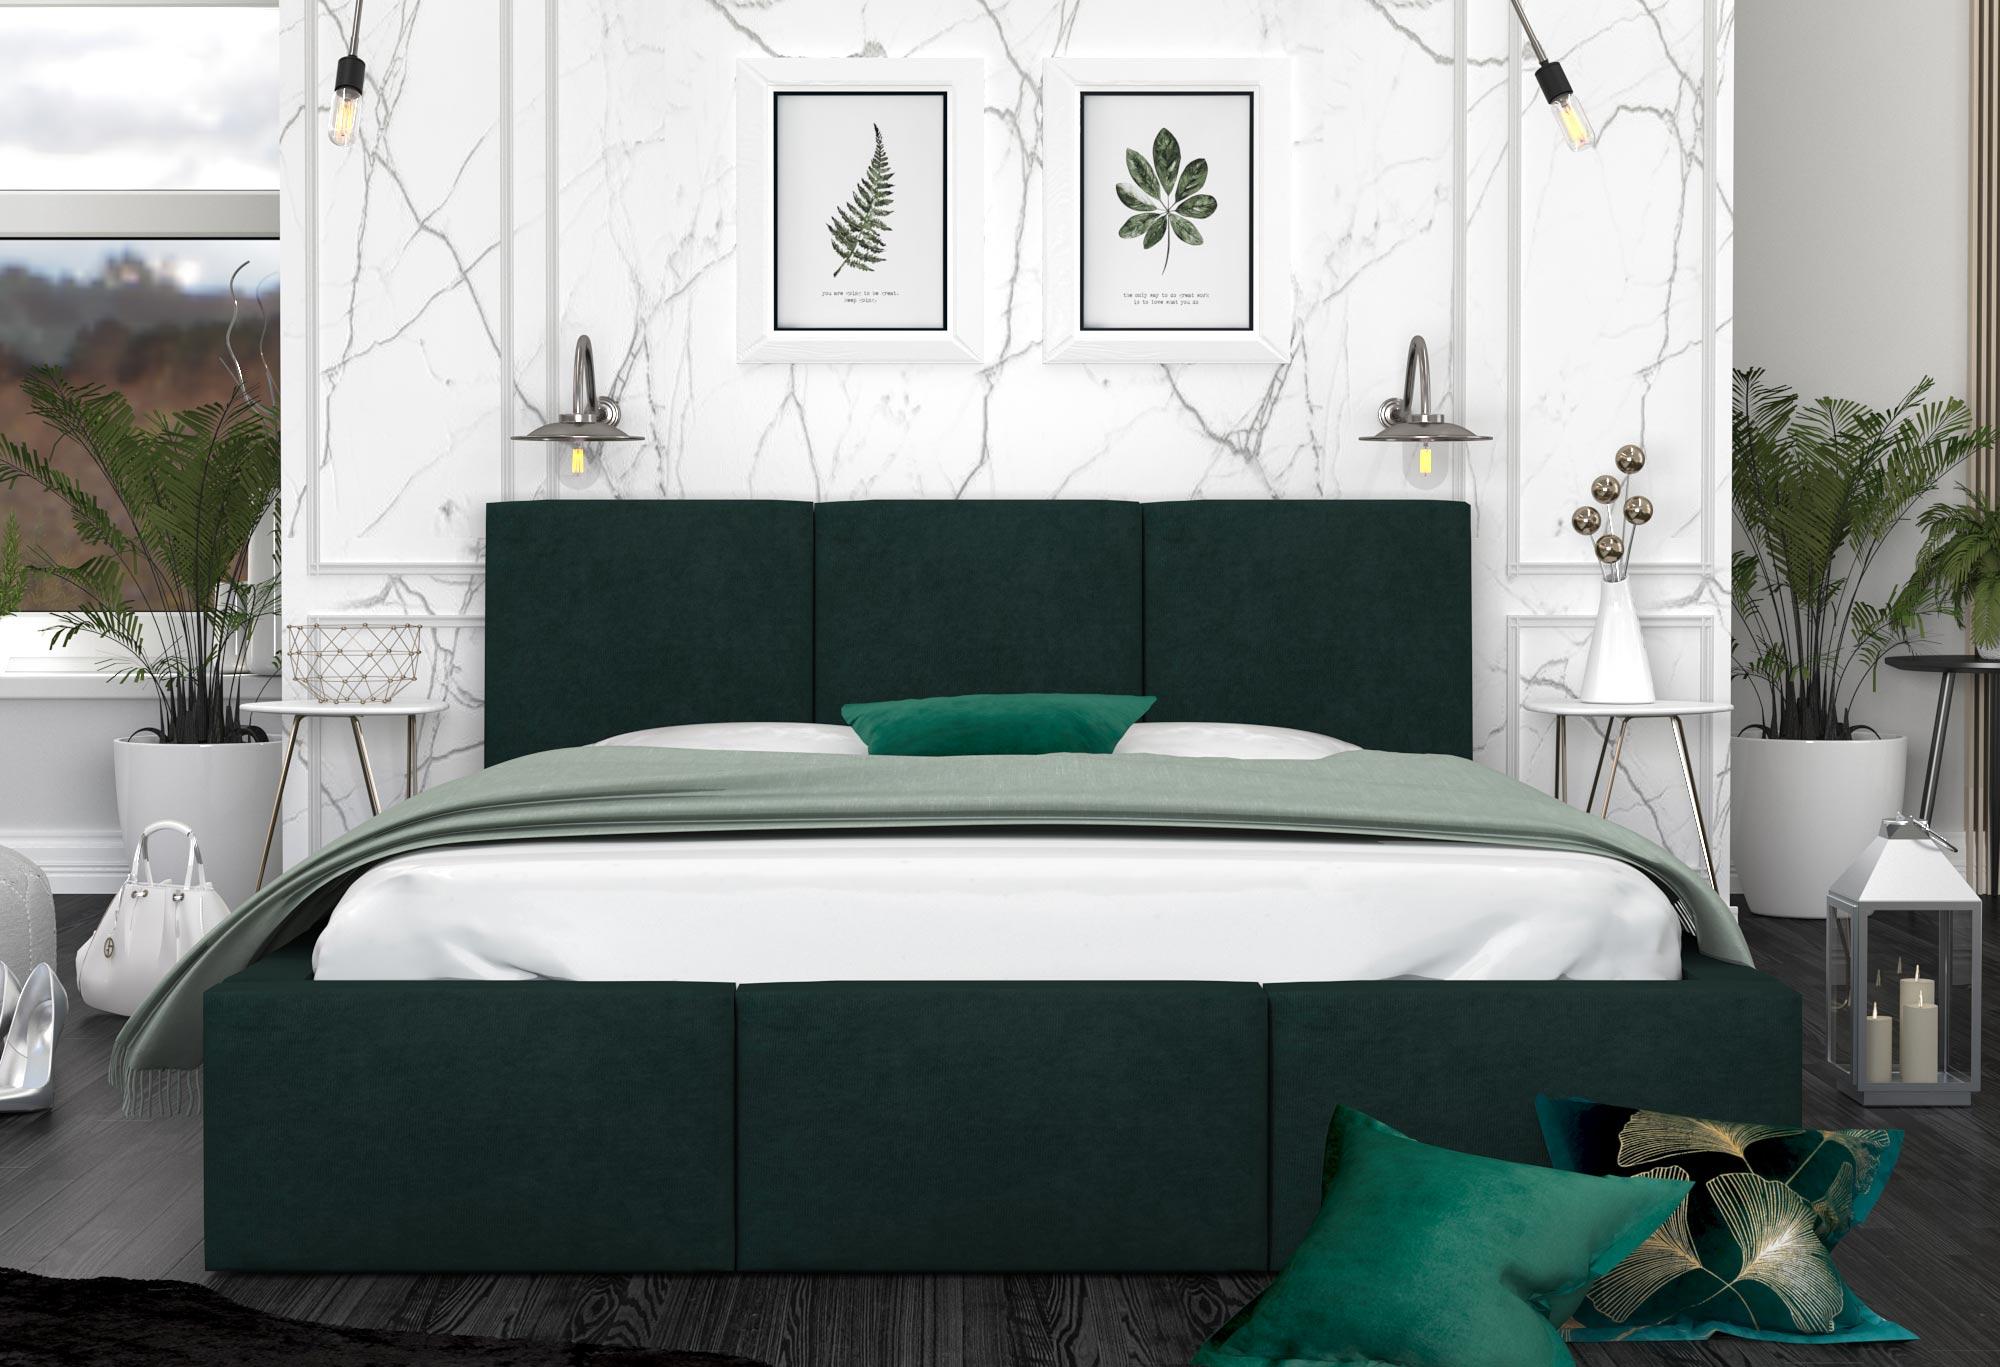 Łóżko sypialniane SILENTO aranżacja